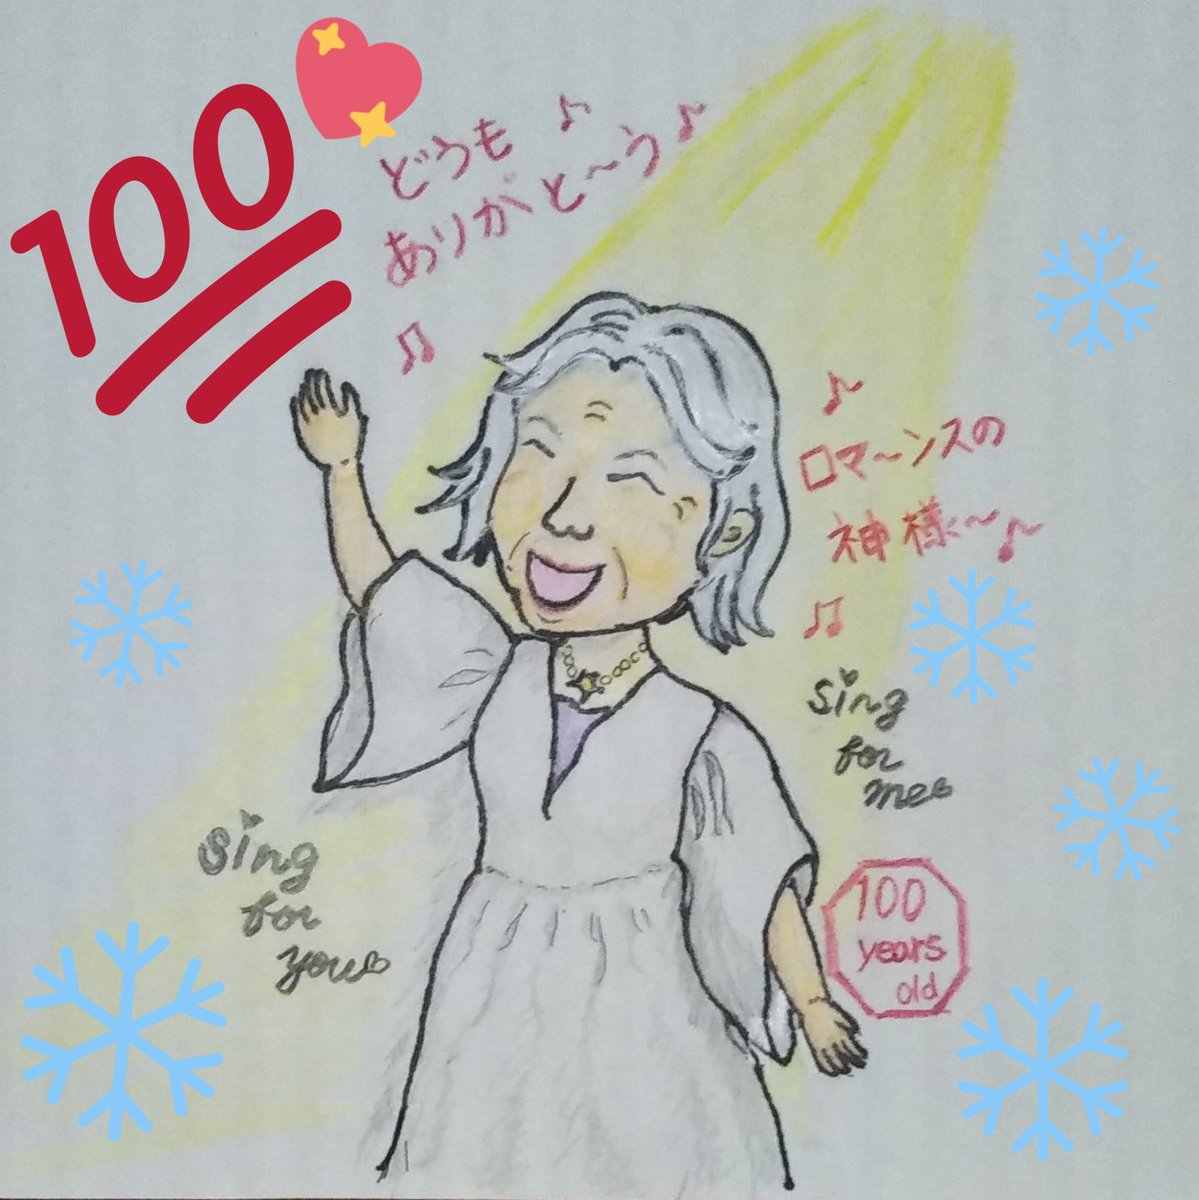 💯歳まで、ロマンスの神様を歌いたいわ💕私も聴きたいわ💕まずは夢を持つこと✨何より人を輝かせると思います✨人生2部制で8倍速で夢を確実にする - #広瀬香美  #Voicy #夢#花火#応援したい#ハツラツ#生き方#お絵かき#アフター5 #素敵なおばあちゃん #sing